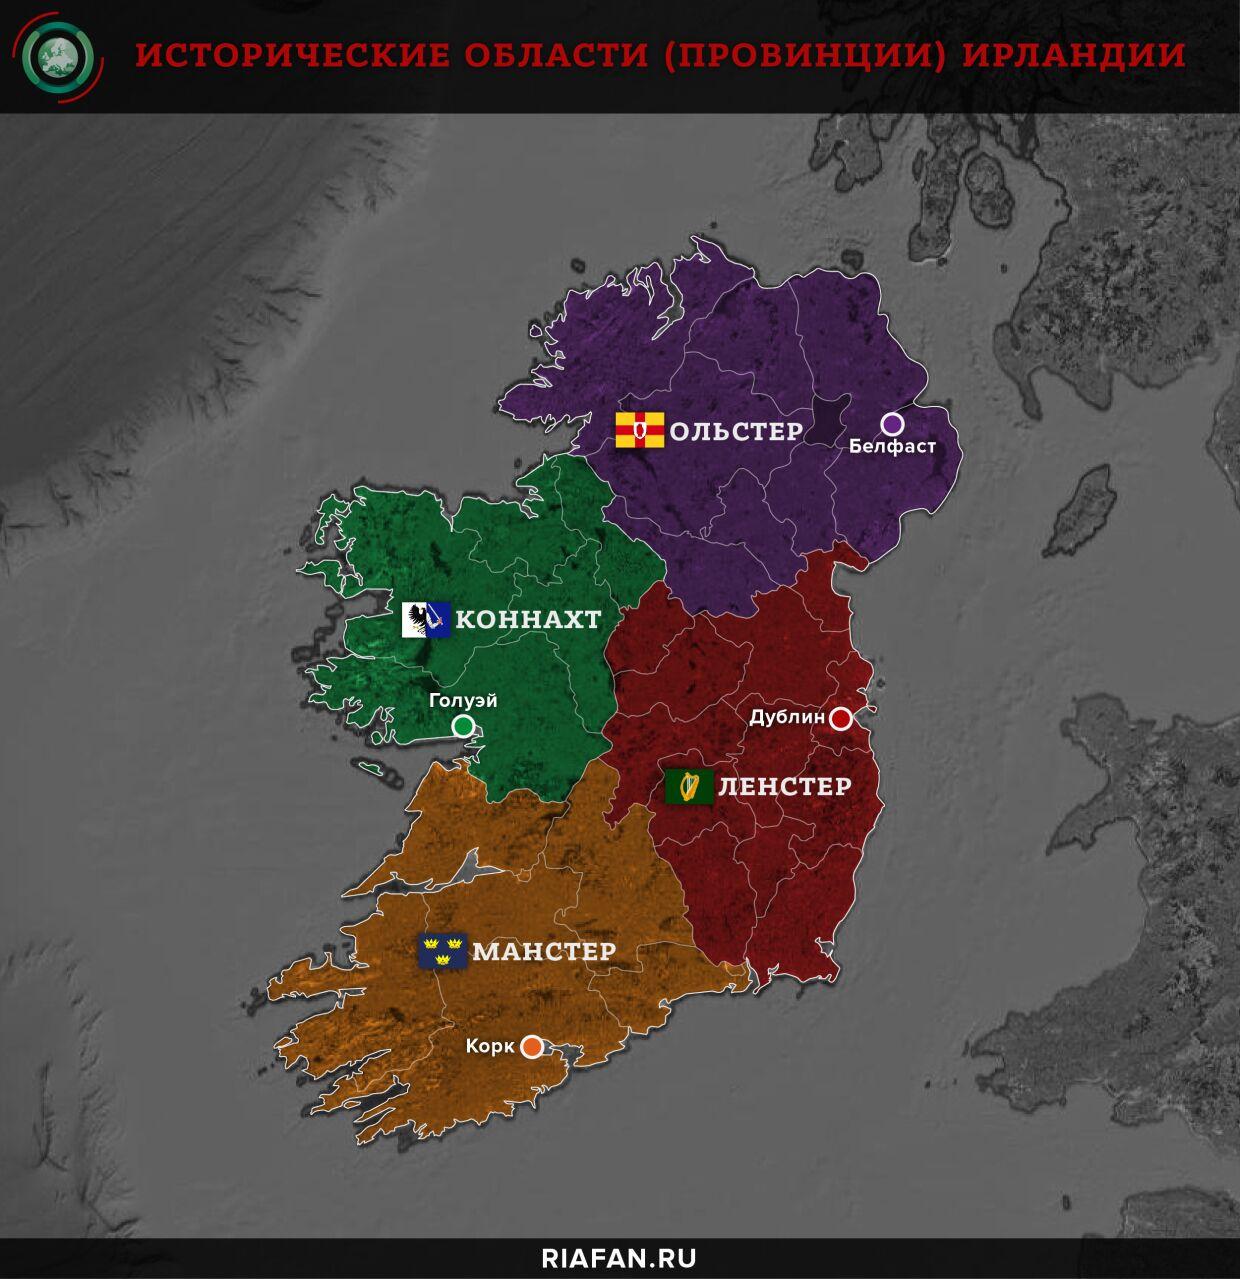 Исторические области (провинции) Ирландии